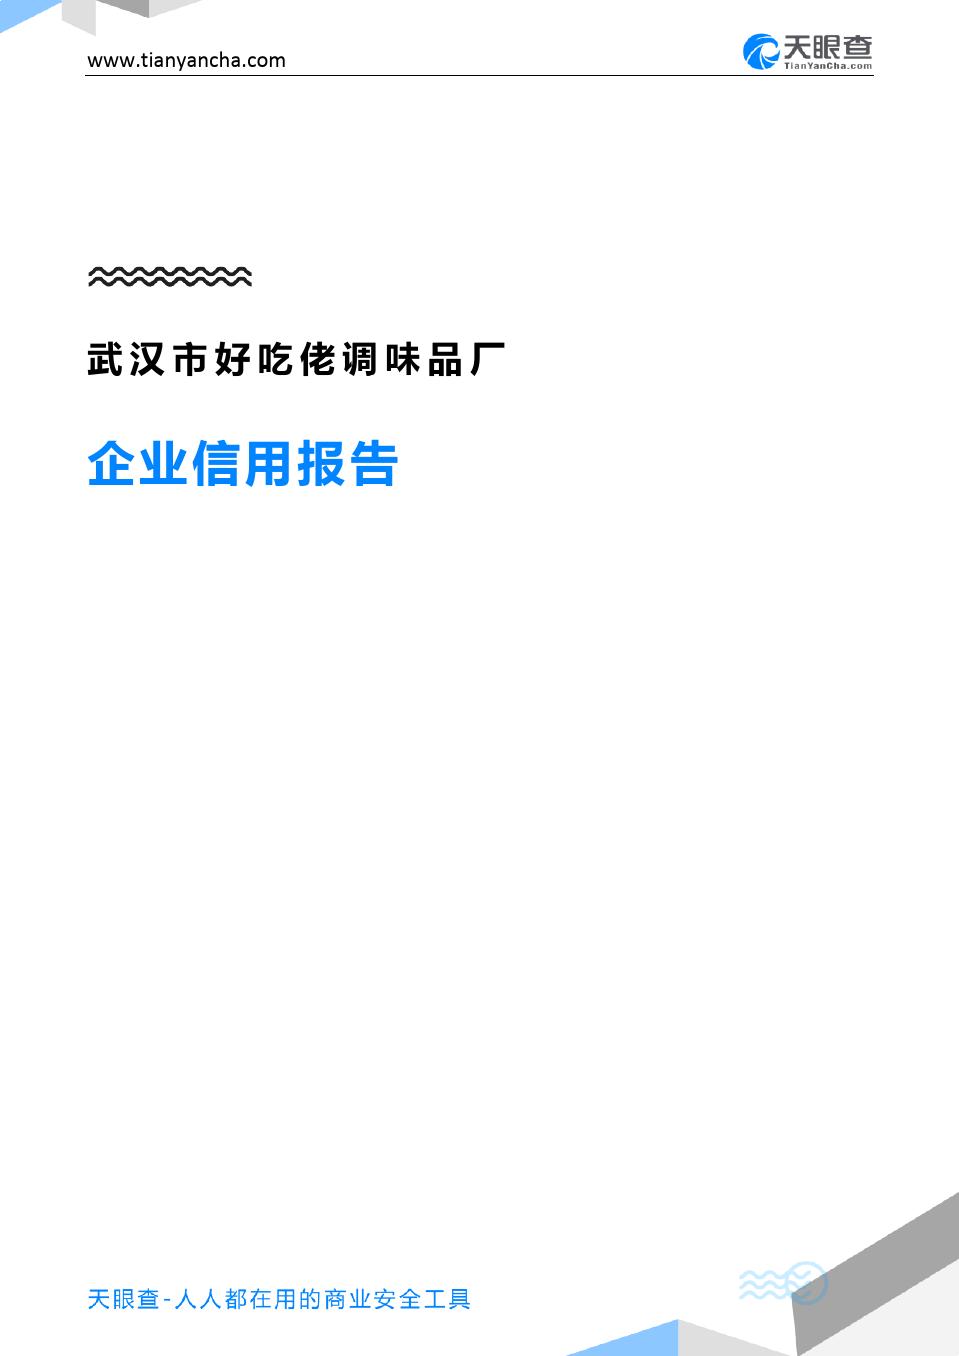 武汉市好吃佬调味品厂(企业信用报告)- 天眼查